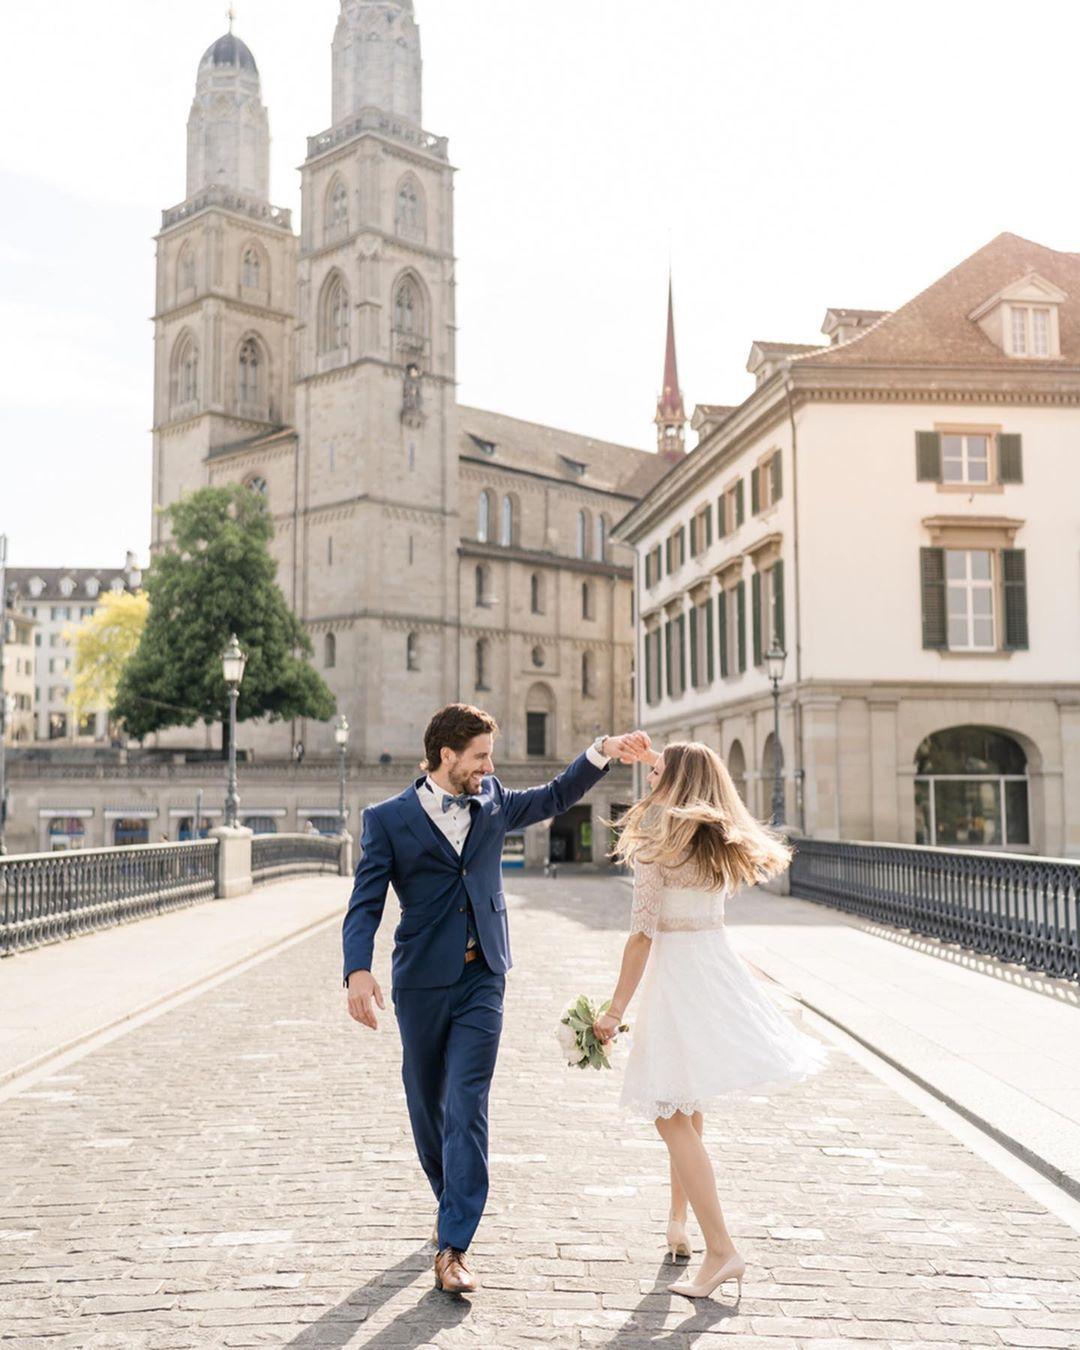 Hochzeit In Zurich Hochzeitsbilder Zivile Hochzeit I 2020